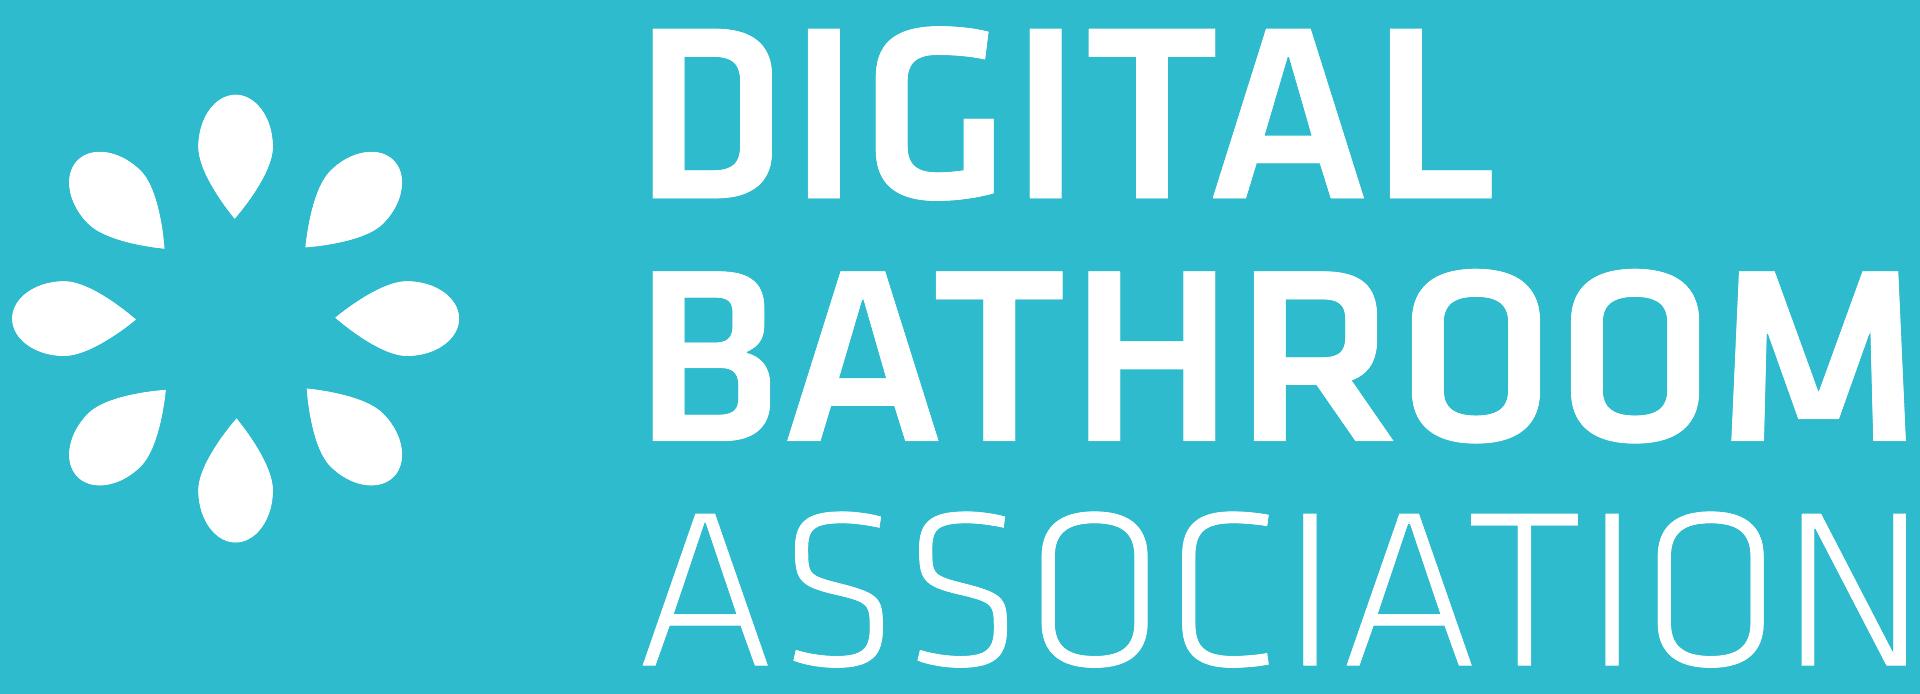 digital-bathroom-association-logo